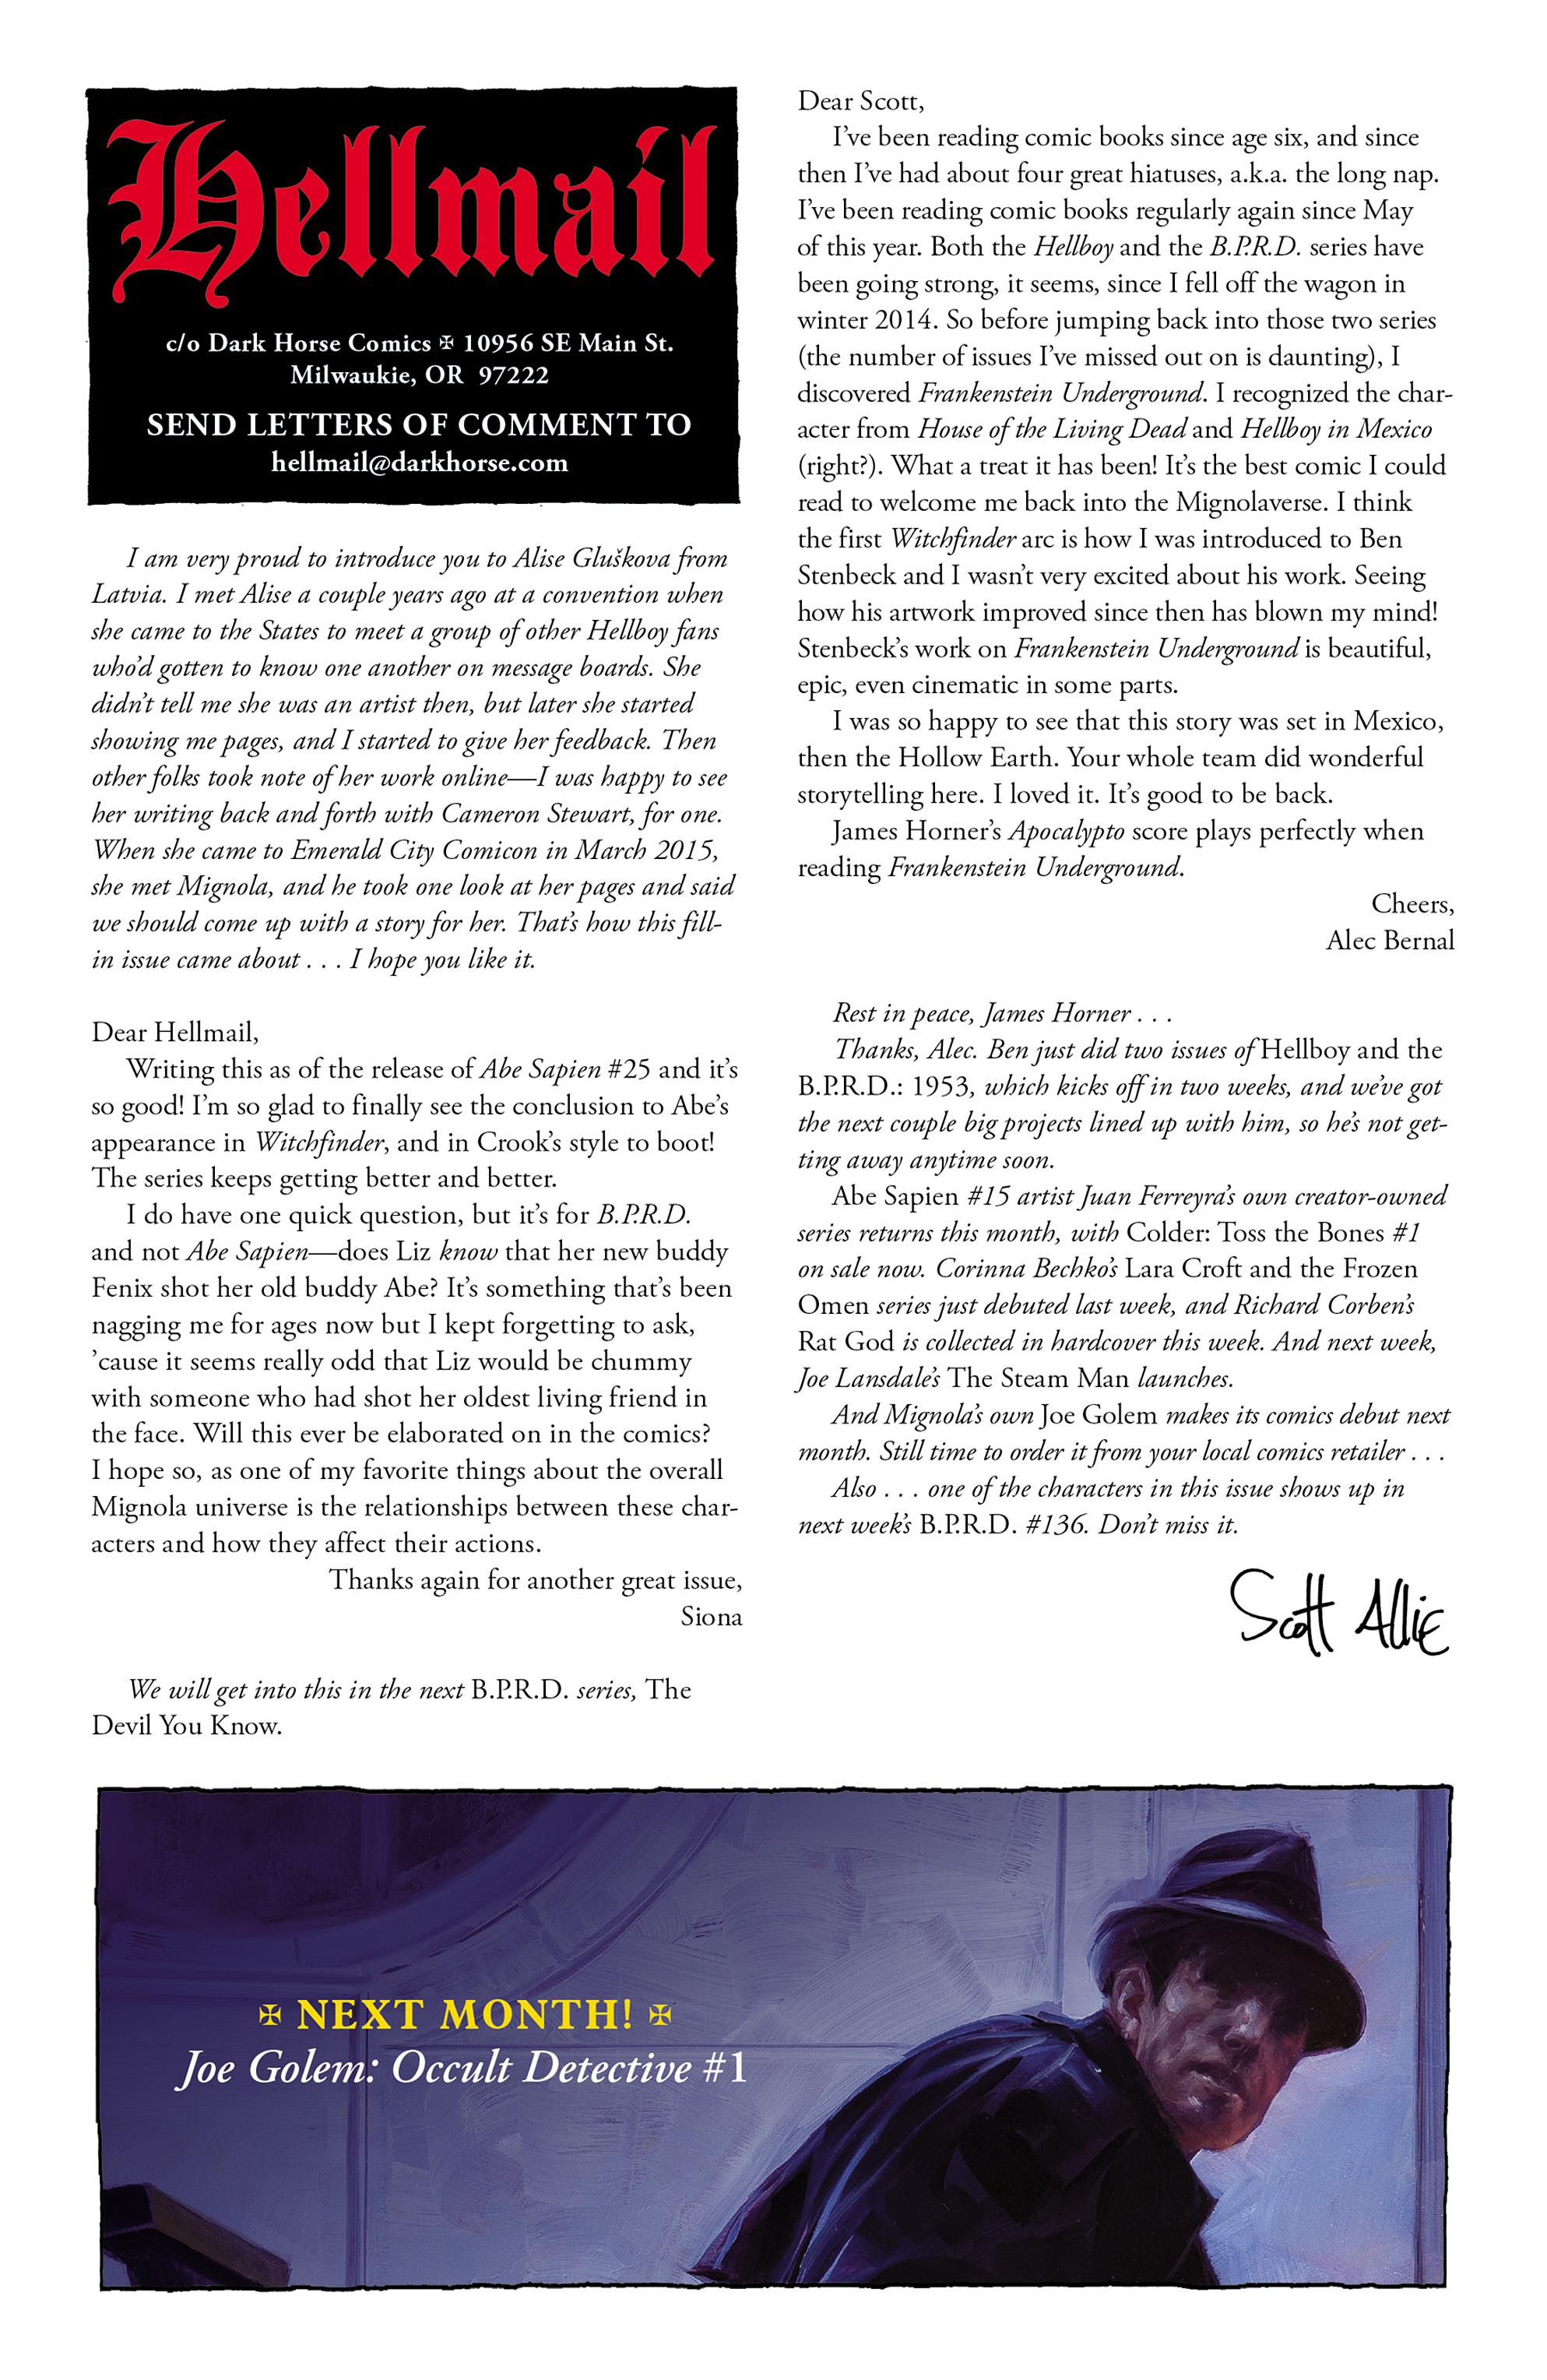 Read online Abe Sapien comic -  Issue #27 - 26